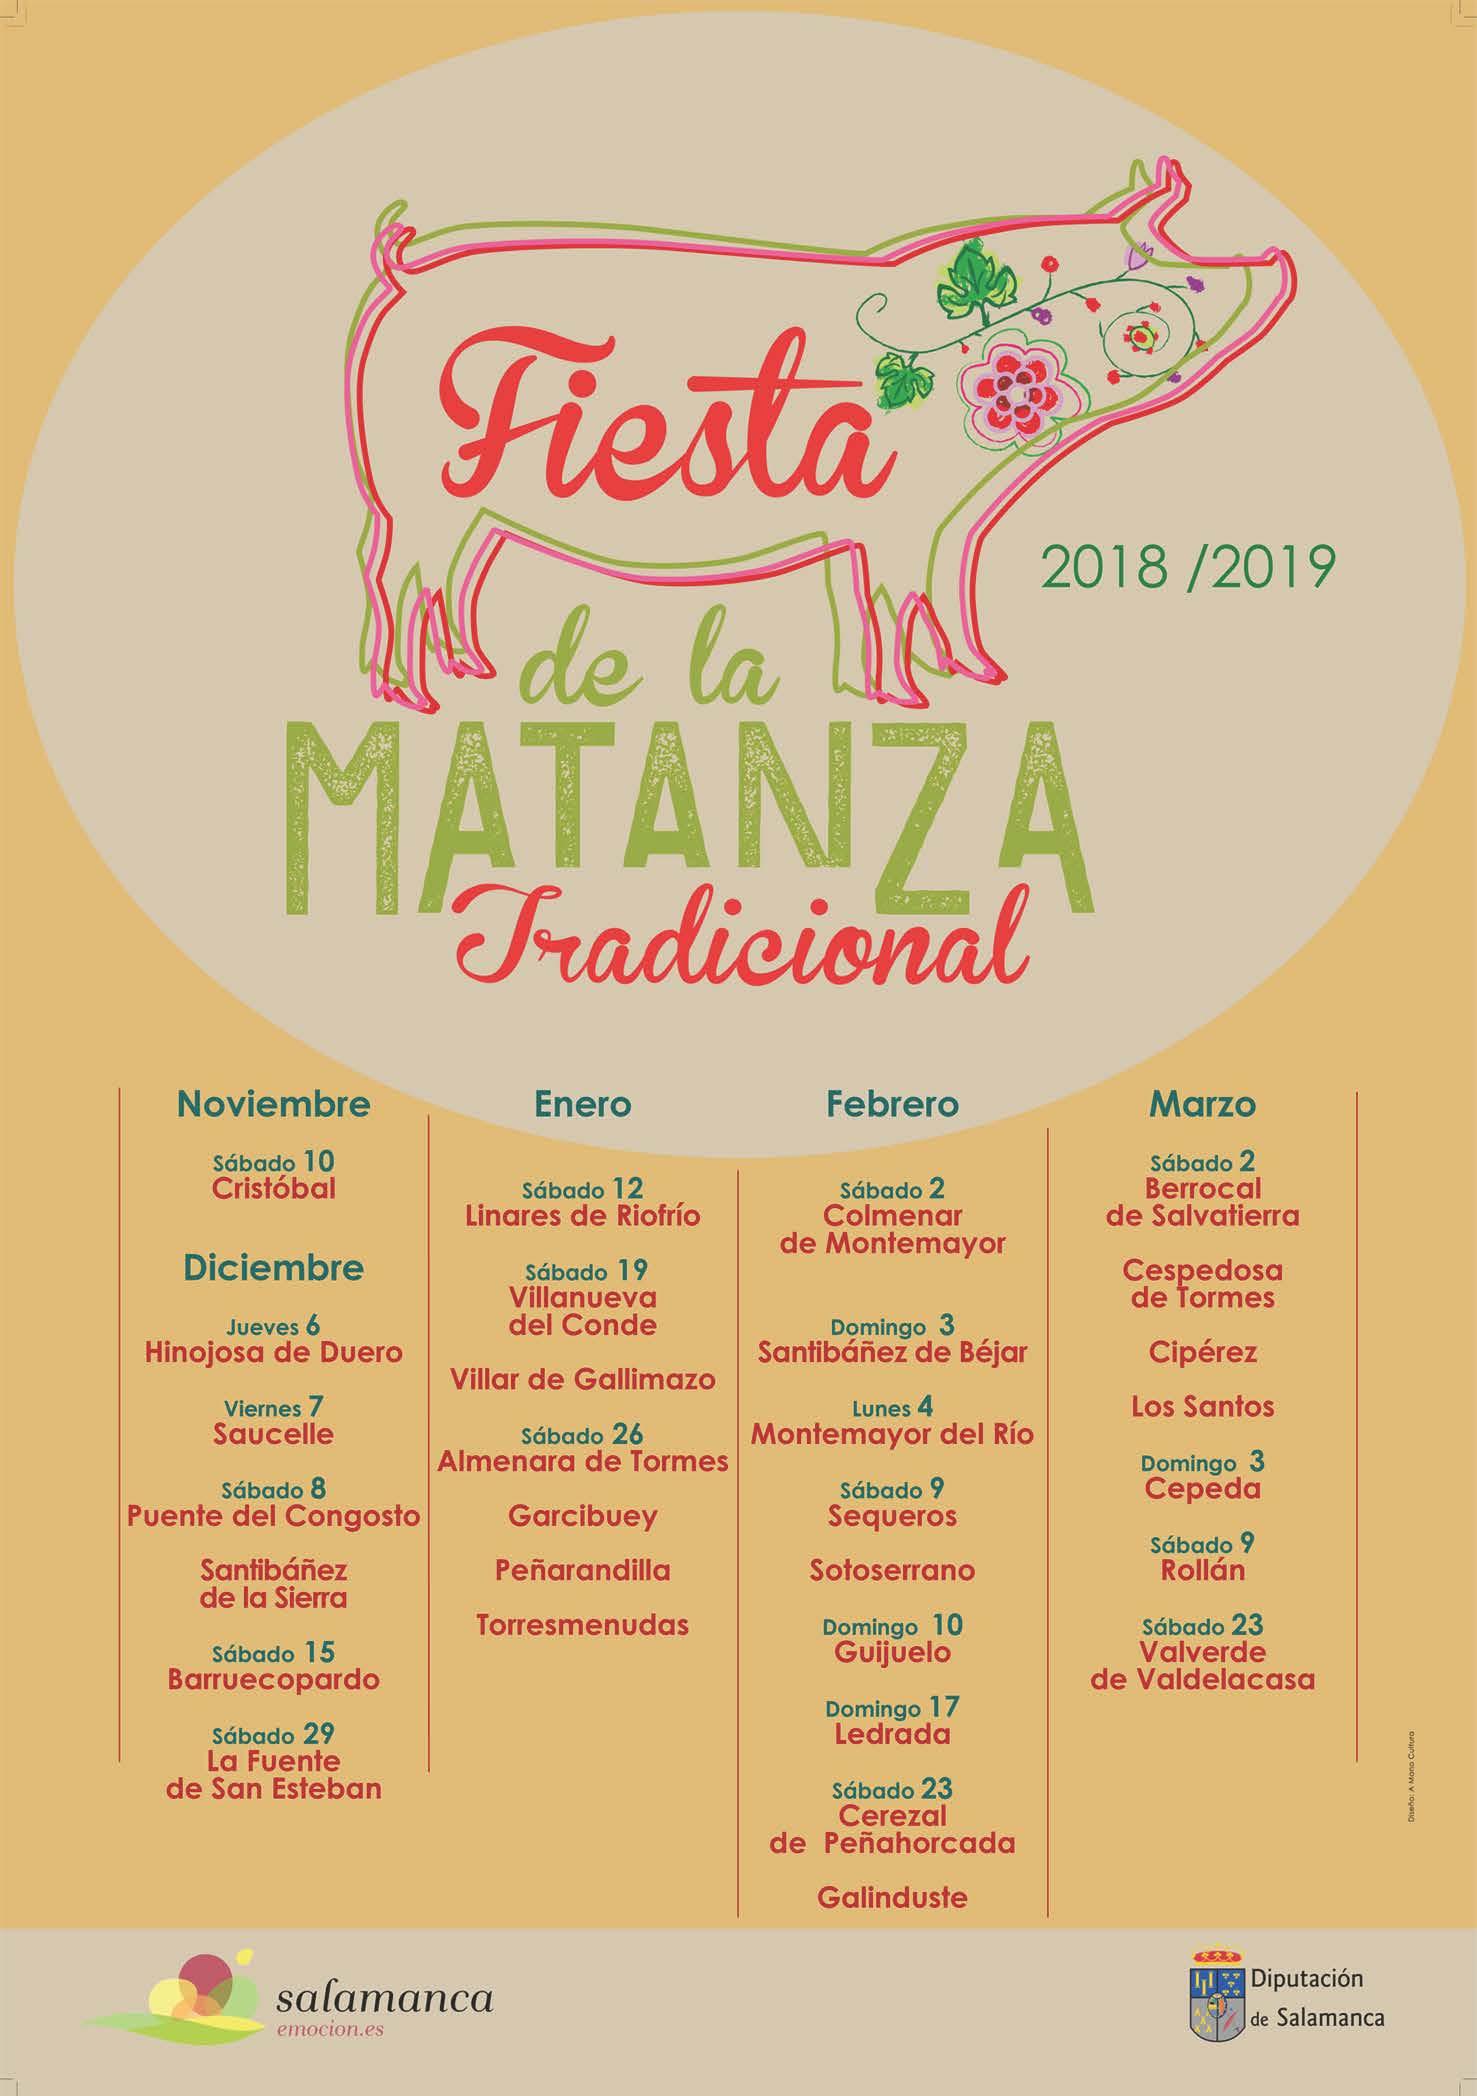 Presentado el cartel de los municipios participantes en la III Fiesta de la Matanza Tradicional